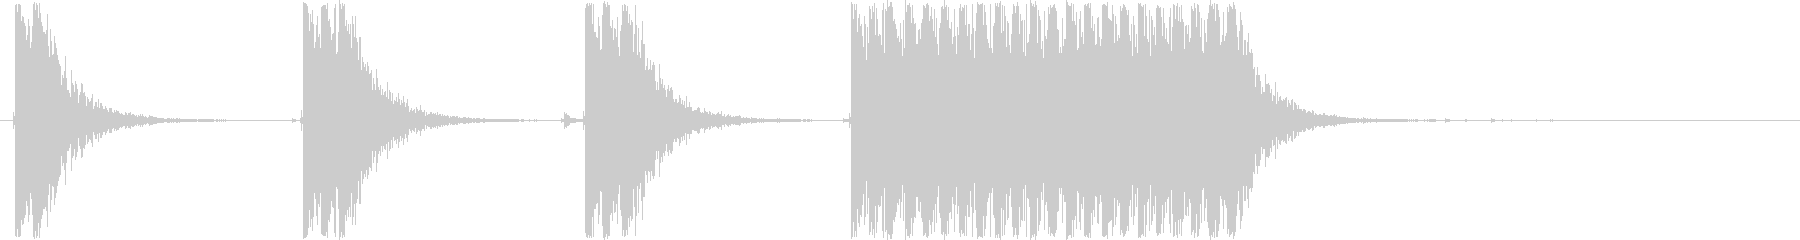 MP5:フルオートショット、緊急事...の未再生の波形